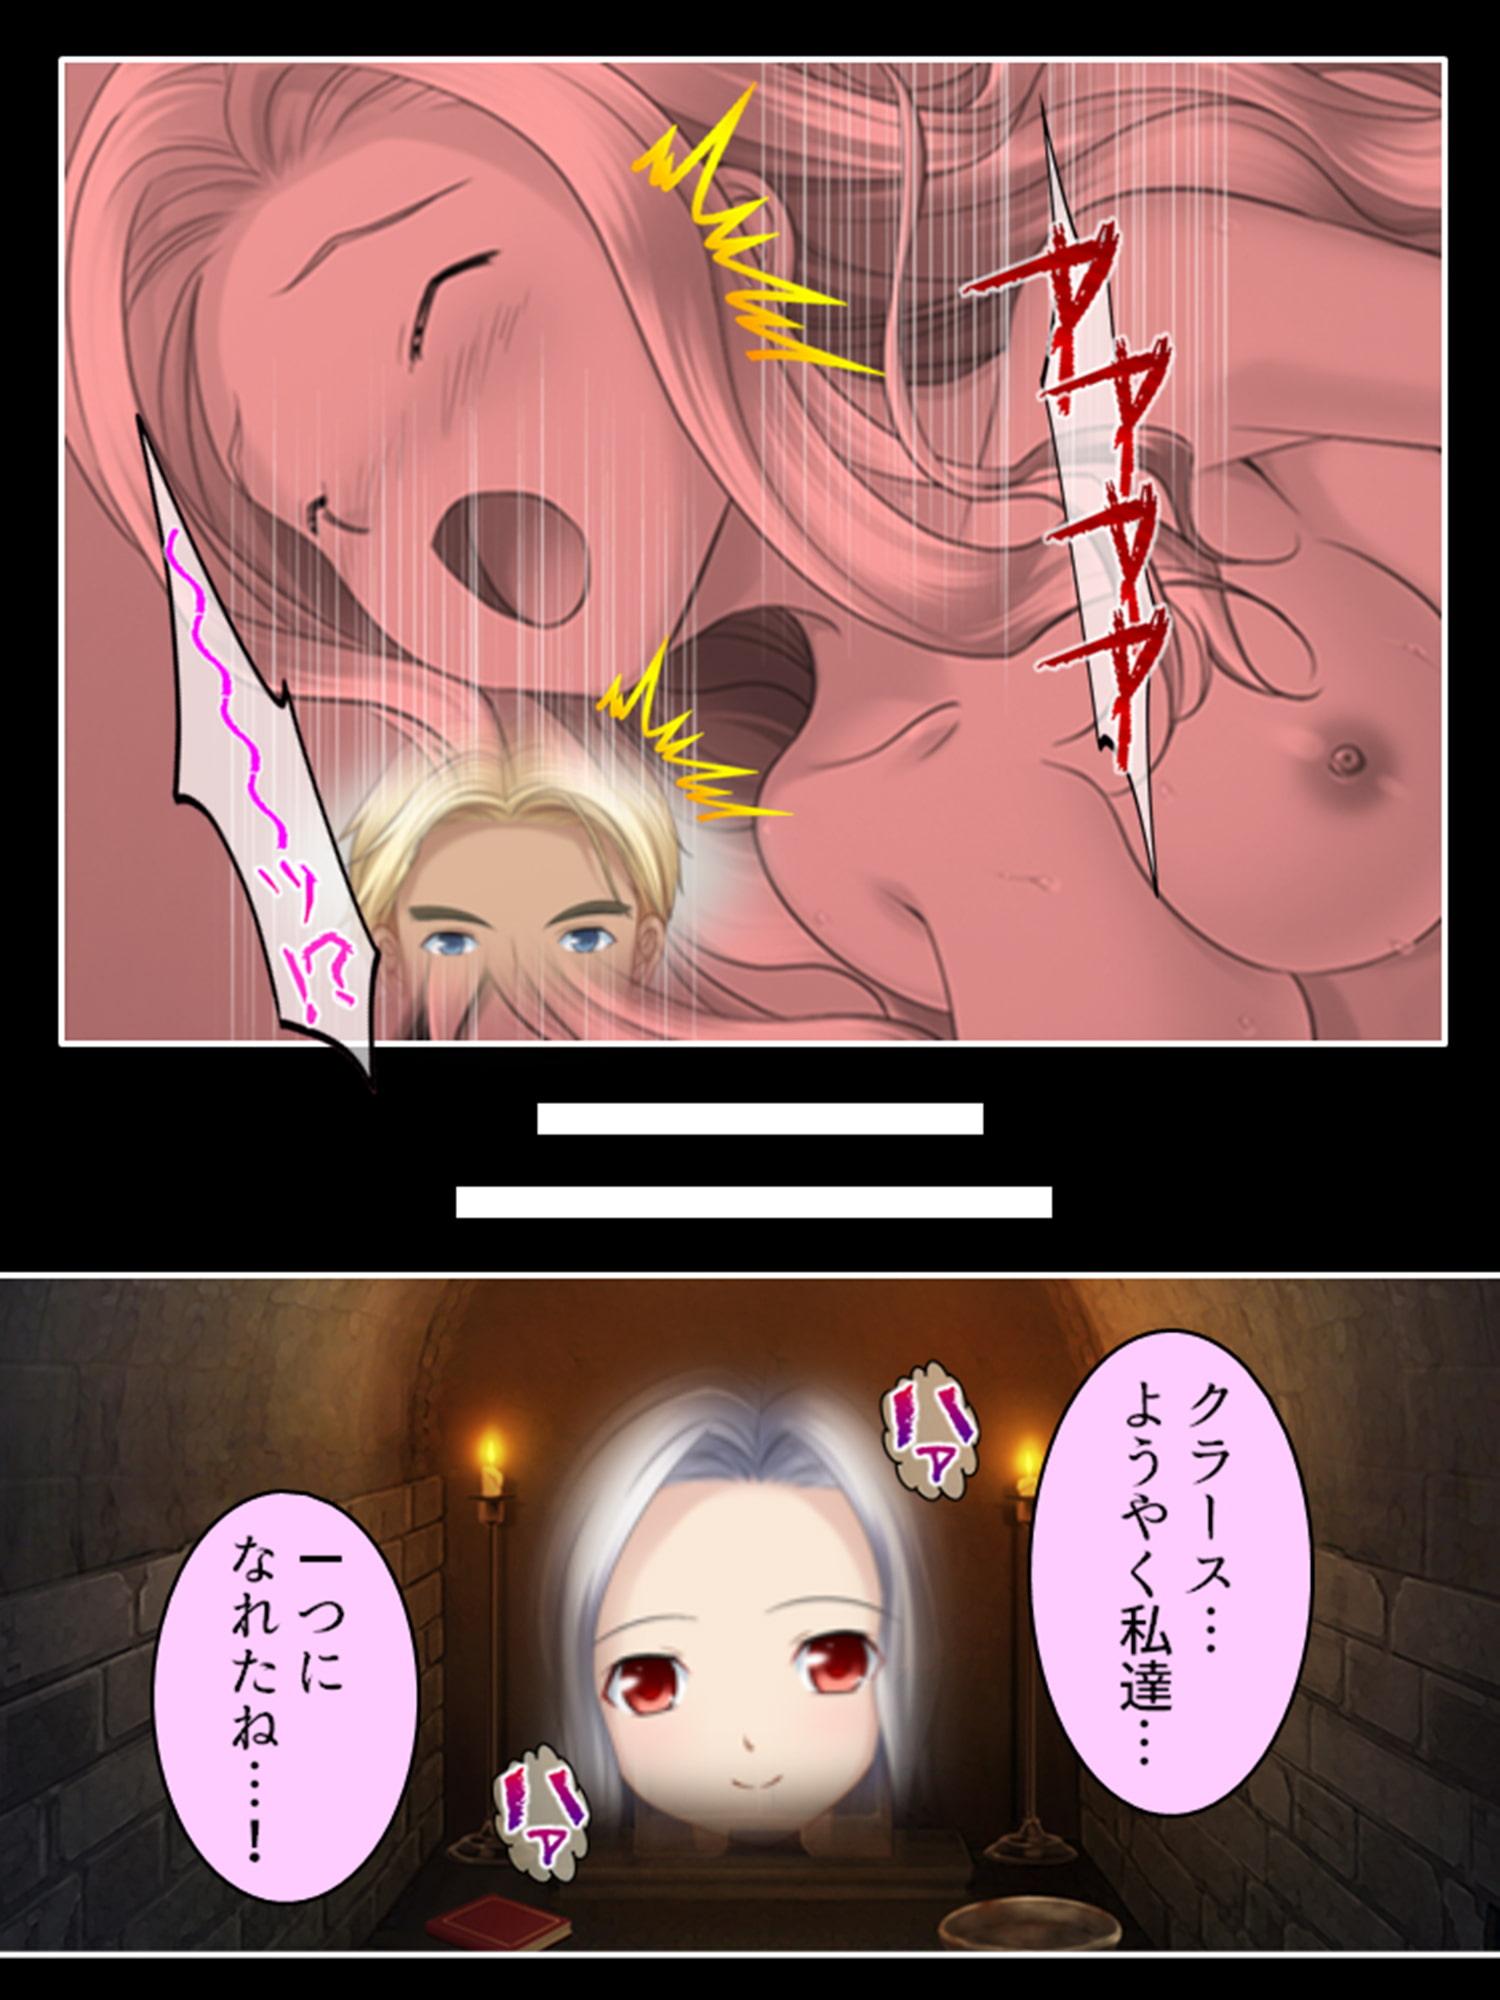 処女地獄:何度も蘇る清き膜 4巻のサンプル画像9